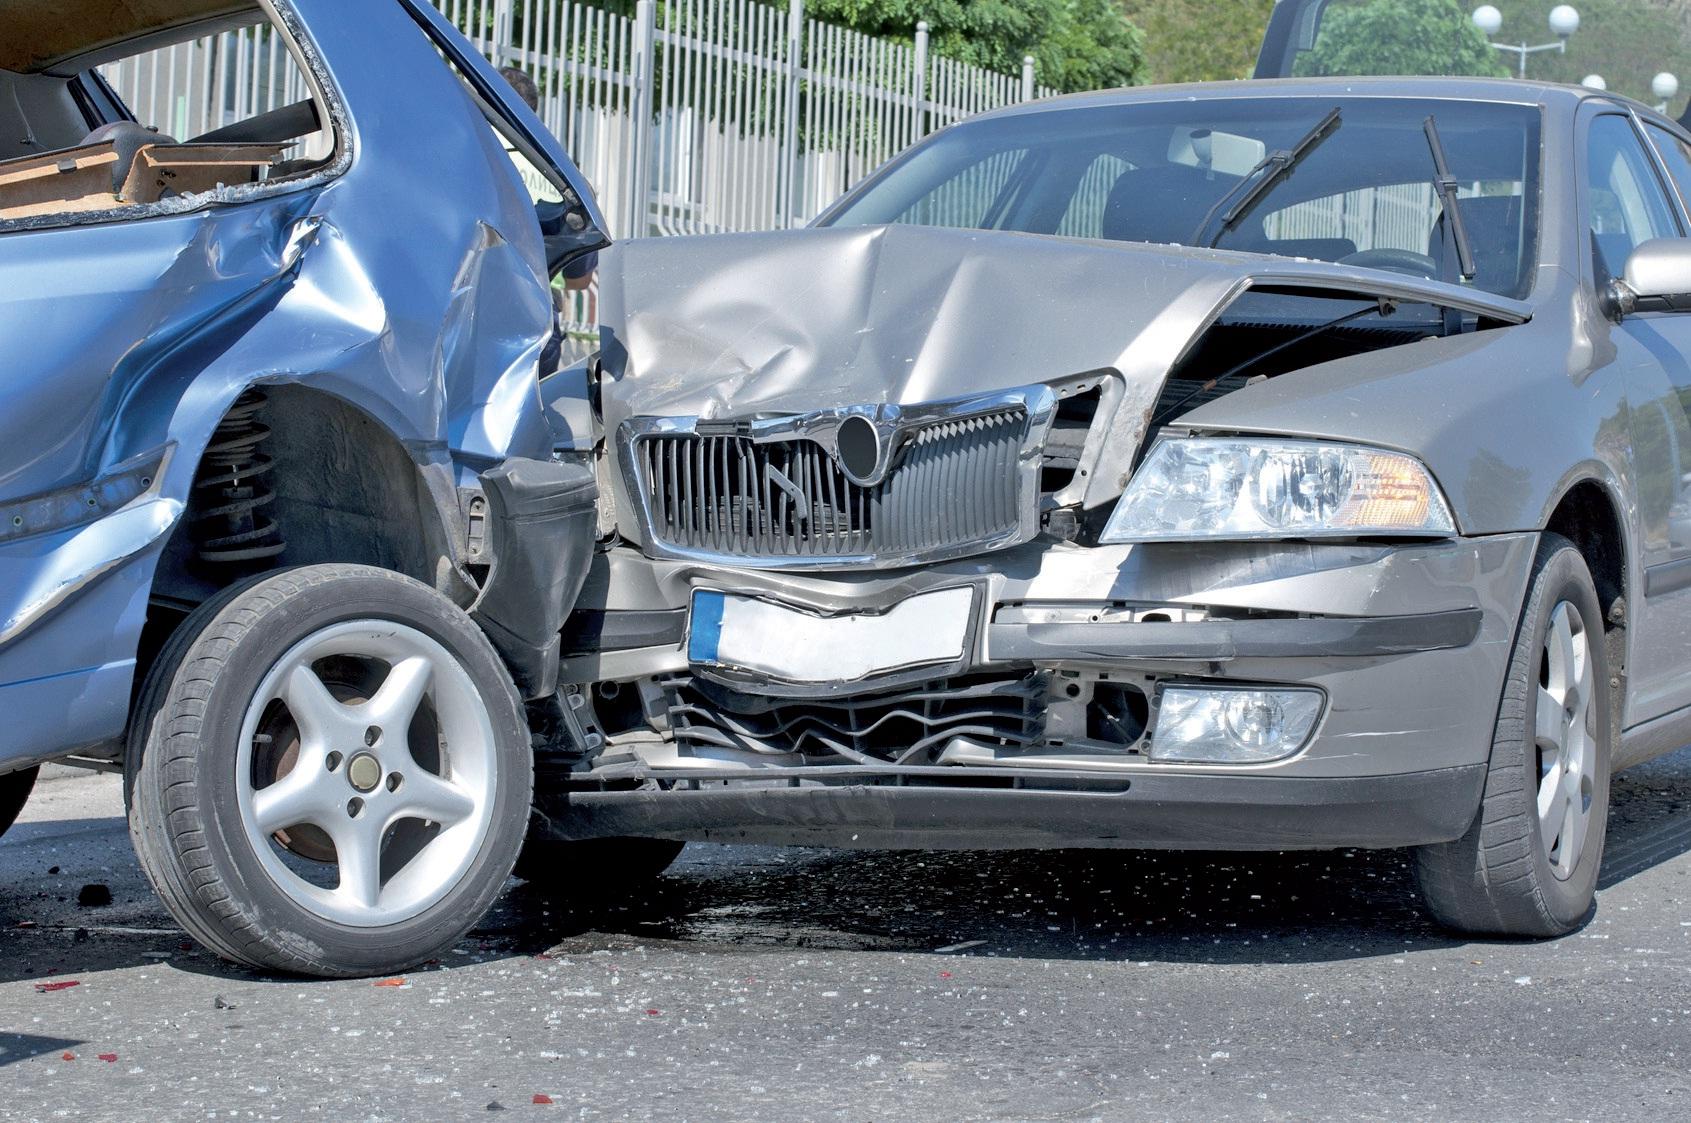 La région se situe en 4ème position en ce qui concerne les accidents de voiture.